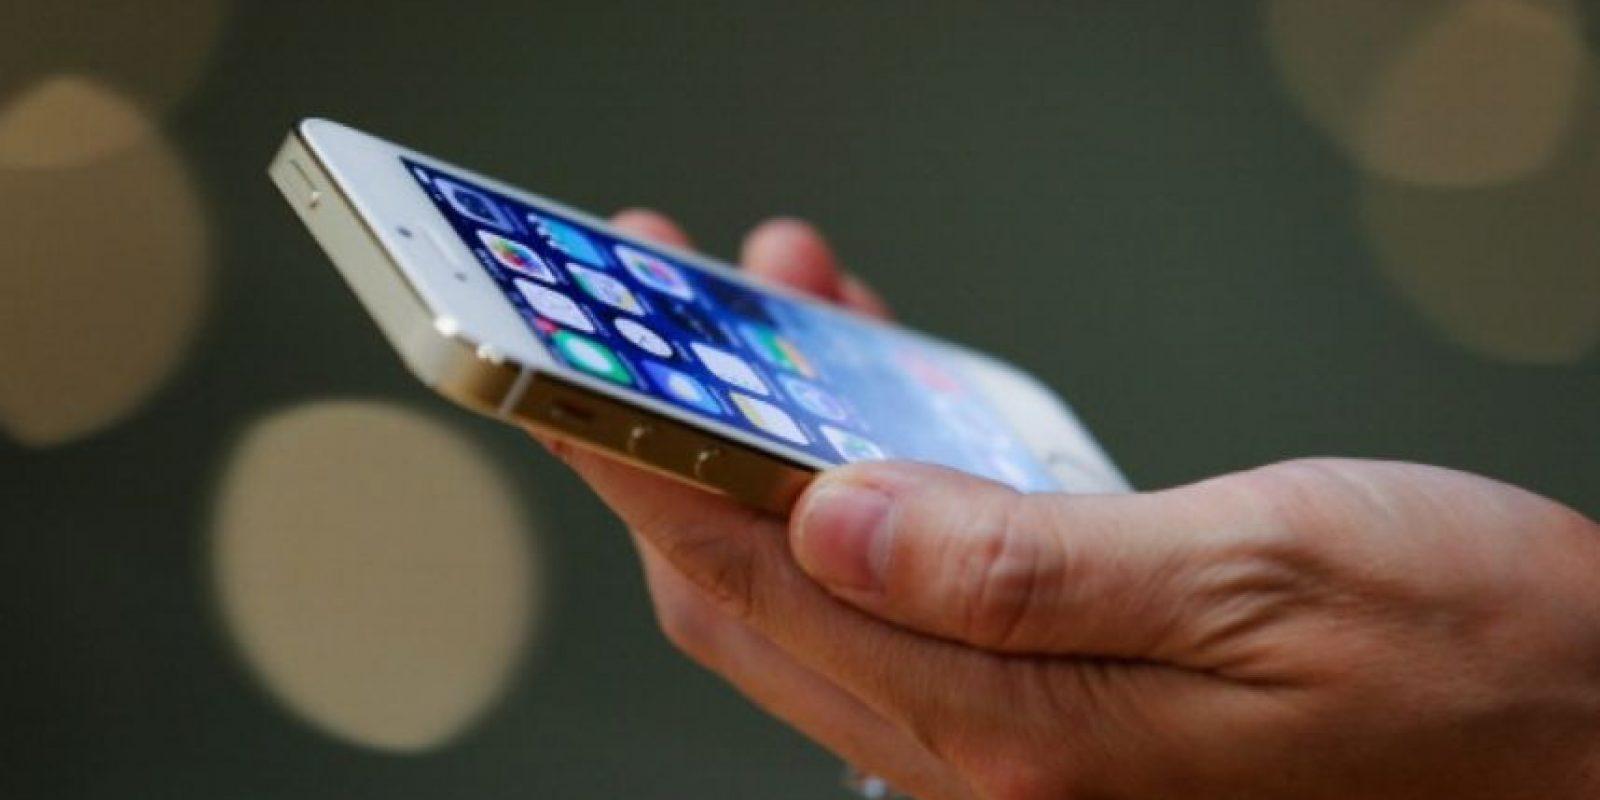 Usuarios no quieren que nadie se entere de sus conversaciones y buscan aplicaciones más seguras. Foto:Getty Images